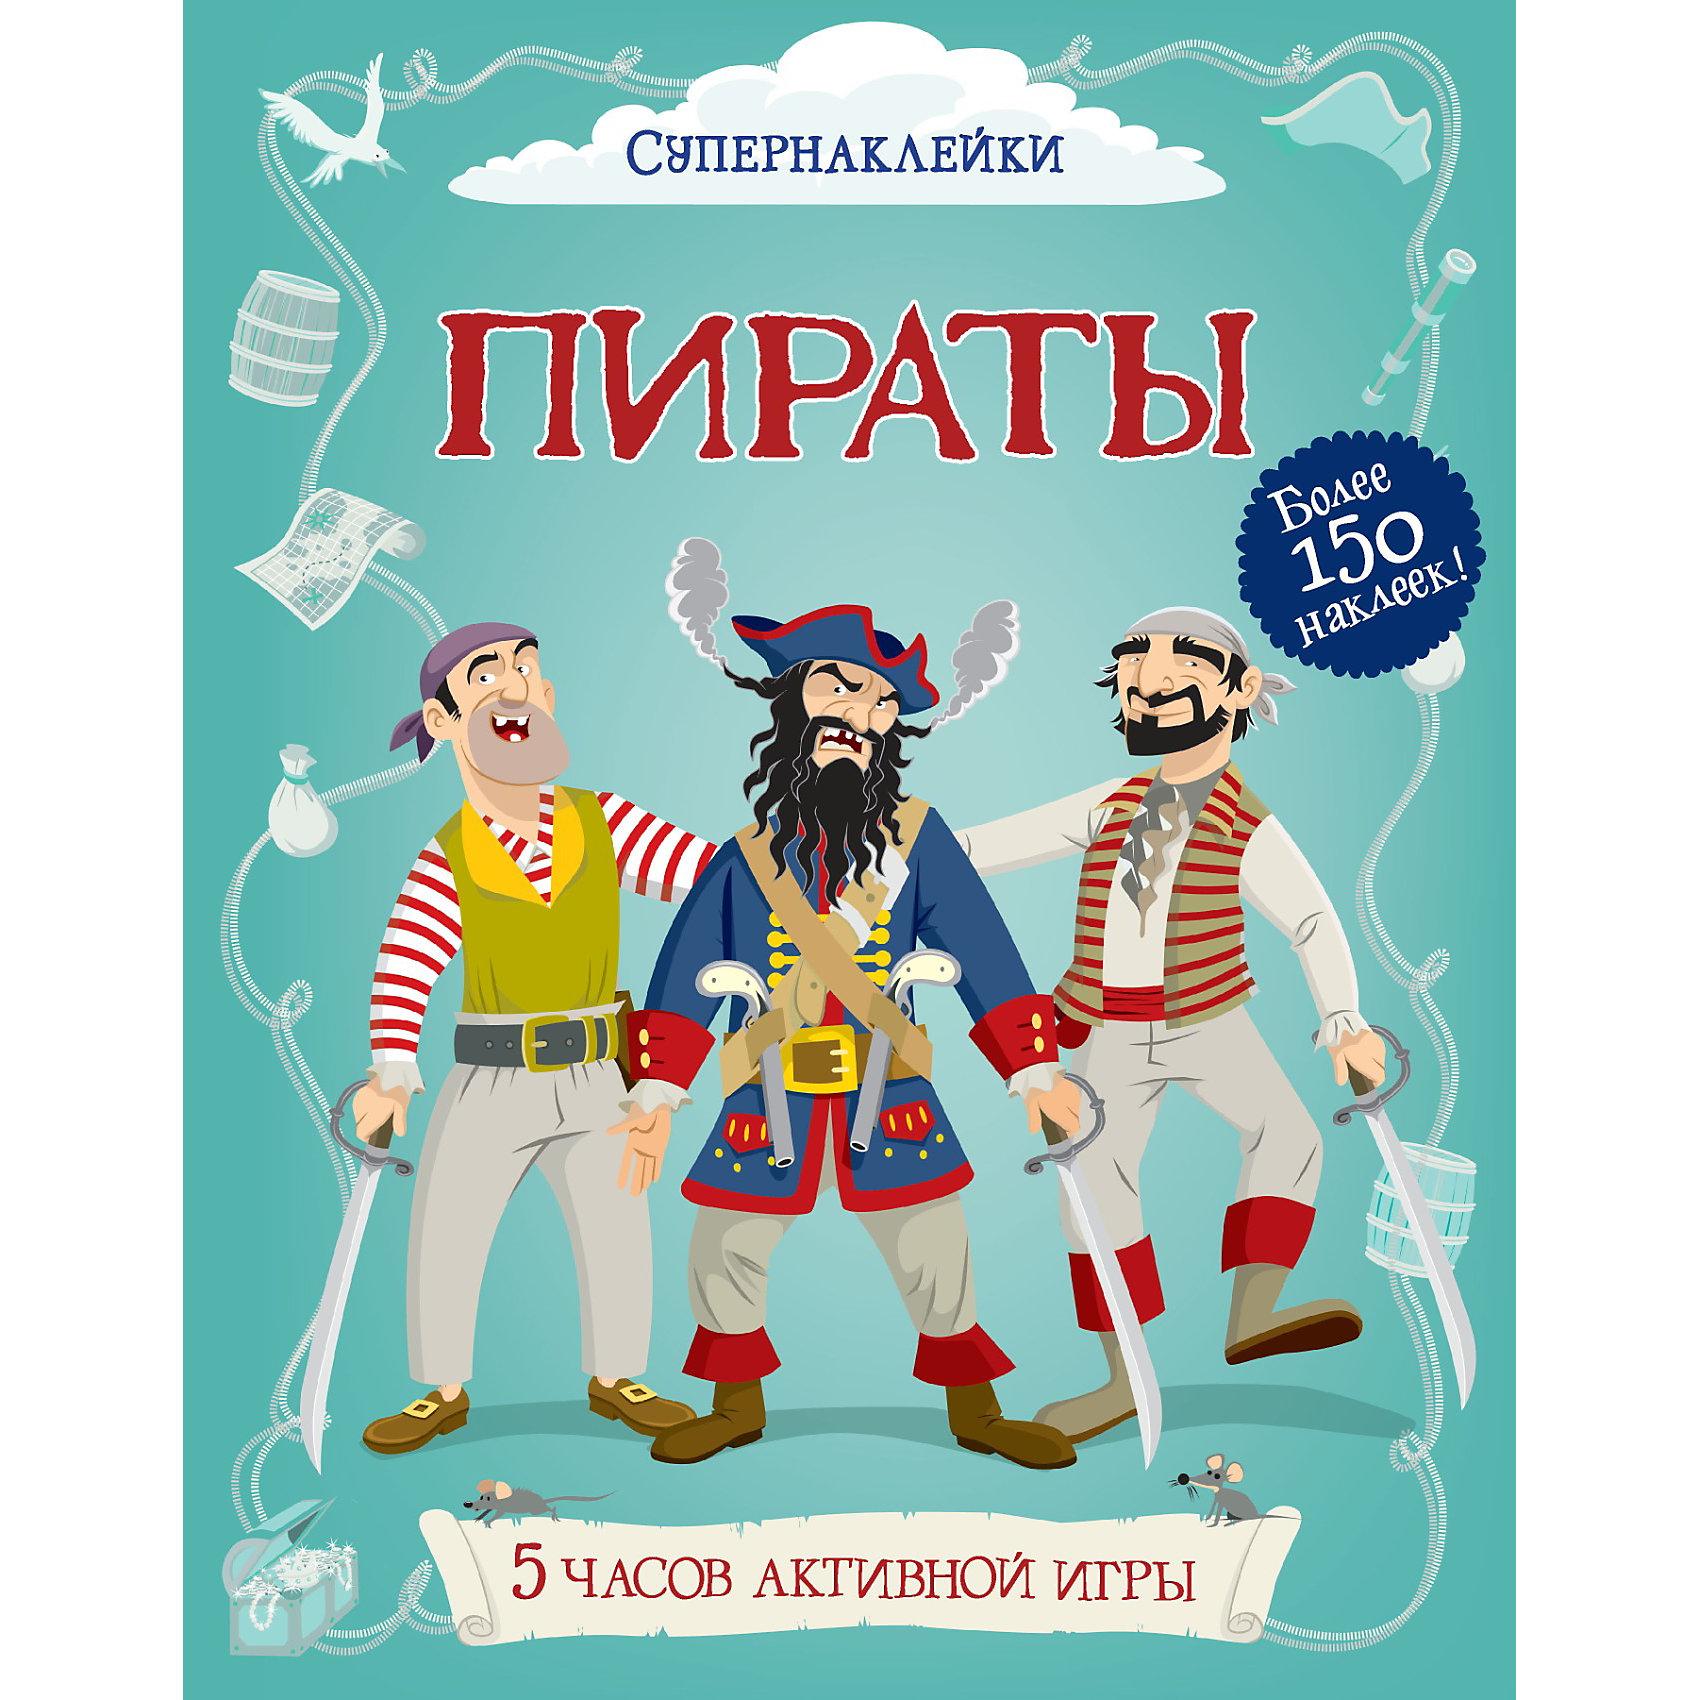 Пираты, МахаонМахаон<br>Книга с наклейками Пираты от издательства Махаонстанет приятным сюрпризом для Вашего ребенка. В этой книге он встретится с бесстрашными викингами, побывает на<br>пиратской вечеринке, заглянет на корабельную кухню, а ещё узнает, почему идёт дым из ушей капитана Чёрная Борода. Помимо прочего, он познакомитесь с берберскими и <br>китайскими пиратами, а также с пиратами с острова Борнео. Ребенку предстоит одеть пиратскую команду с помощью ярких наклеек. Игра развивает внимание, воображение,<br>мелкую моторику и художественный вкус.<br><br>Дополнительная информация:<br><br>- Автор: Стауэлл Луи, Дэвис Кейт.<br>- Художник: Диаз Диего.<br>- Серия: Супернаклейки.<br>- Переплет: мягкая обложка.<br>- Иллюстрации: цветные + наклейки.<br>- Объем: 24 стр.<br>- Размер: 30,5 x 24 x 0,4 см.<br>- Вес: 0,282 кг. <br><br>Книгу с наклейками Пираты от Махаон можно купить в нашем интернет-магазине.<br><br>Ширина мм: 175<br>Глубина мм: 245<br>Высота мм: 7<br>Вес г: 298<br>Возраст от месяцев: 72<br>Возраст до месяцев: 132<br>Пол: Мужской<br>Возраст: Детский<br>SKU: 3539920